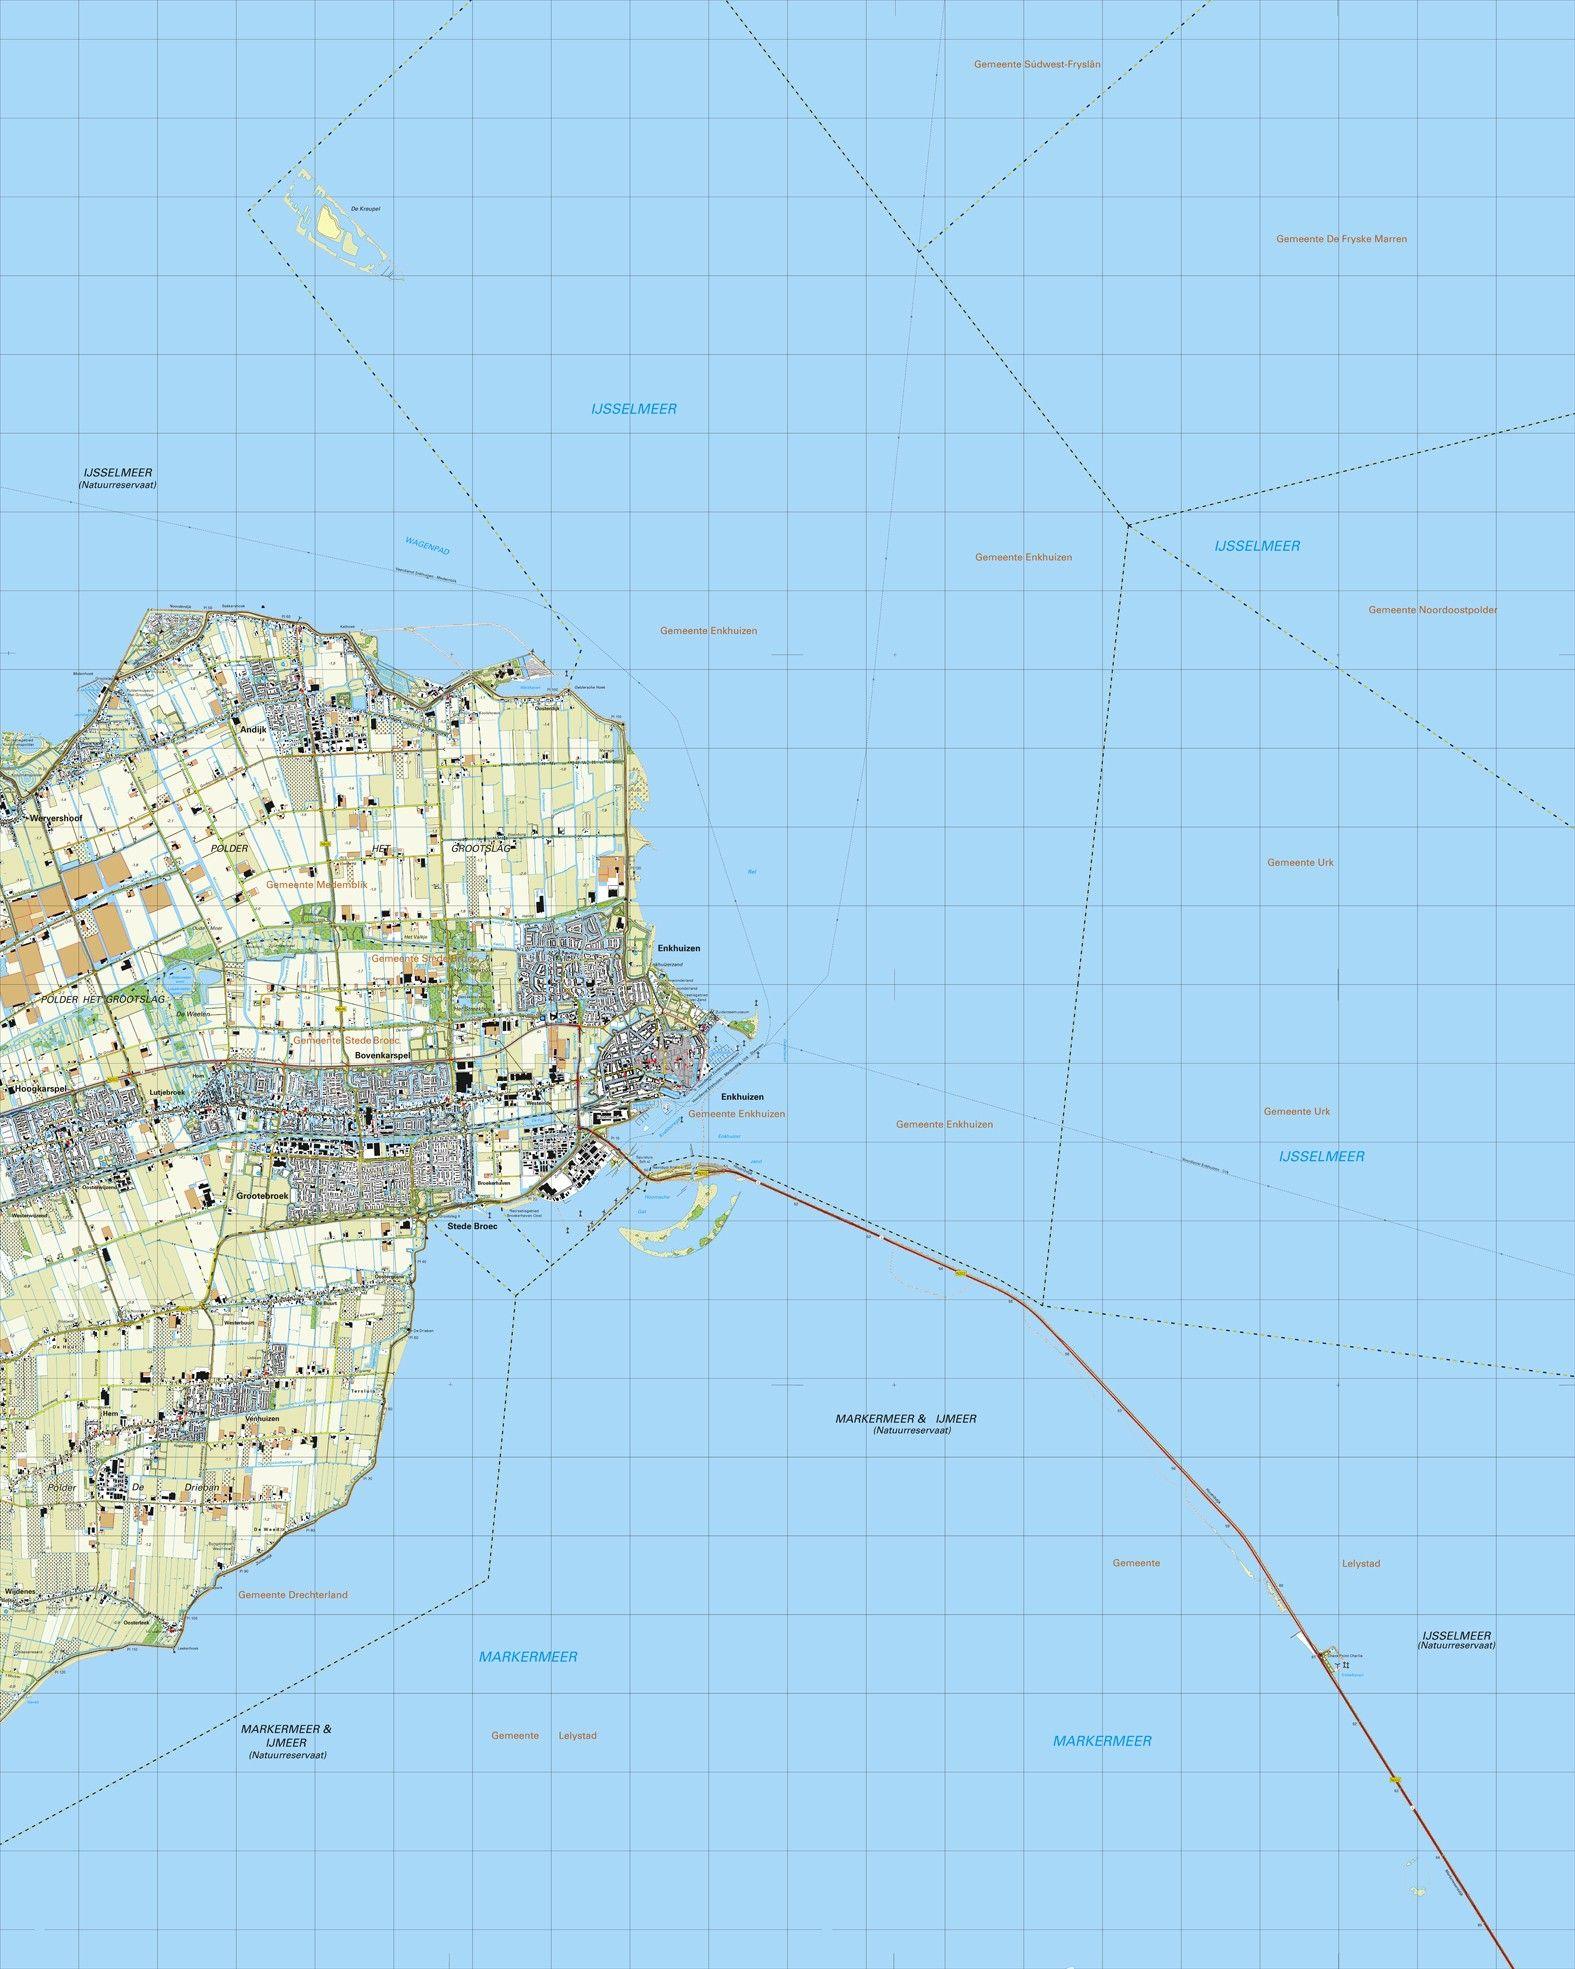 Topografische kaart schaal 1:25.000 (Enkhuizen, Andijk, Bovenkarspel, Hoogkarspel, Grotebroek)